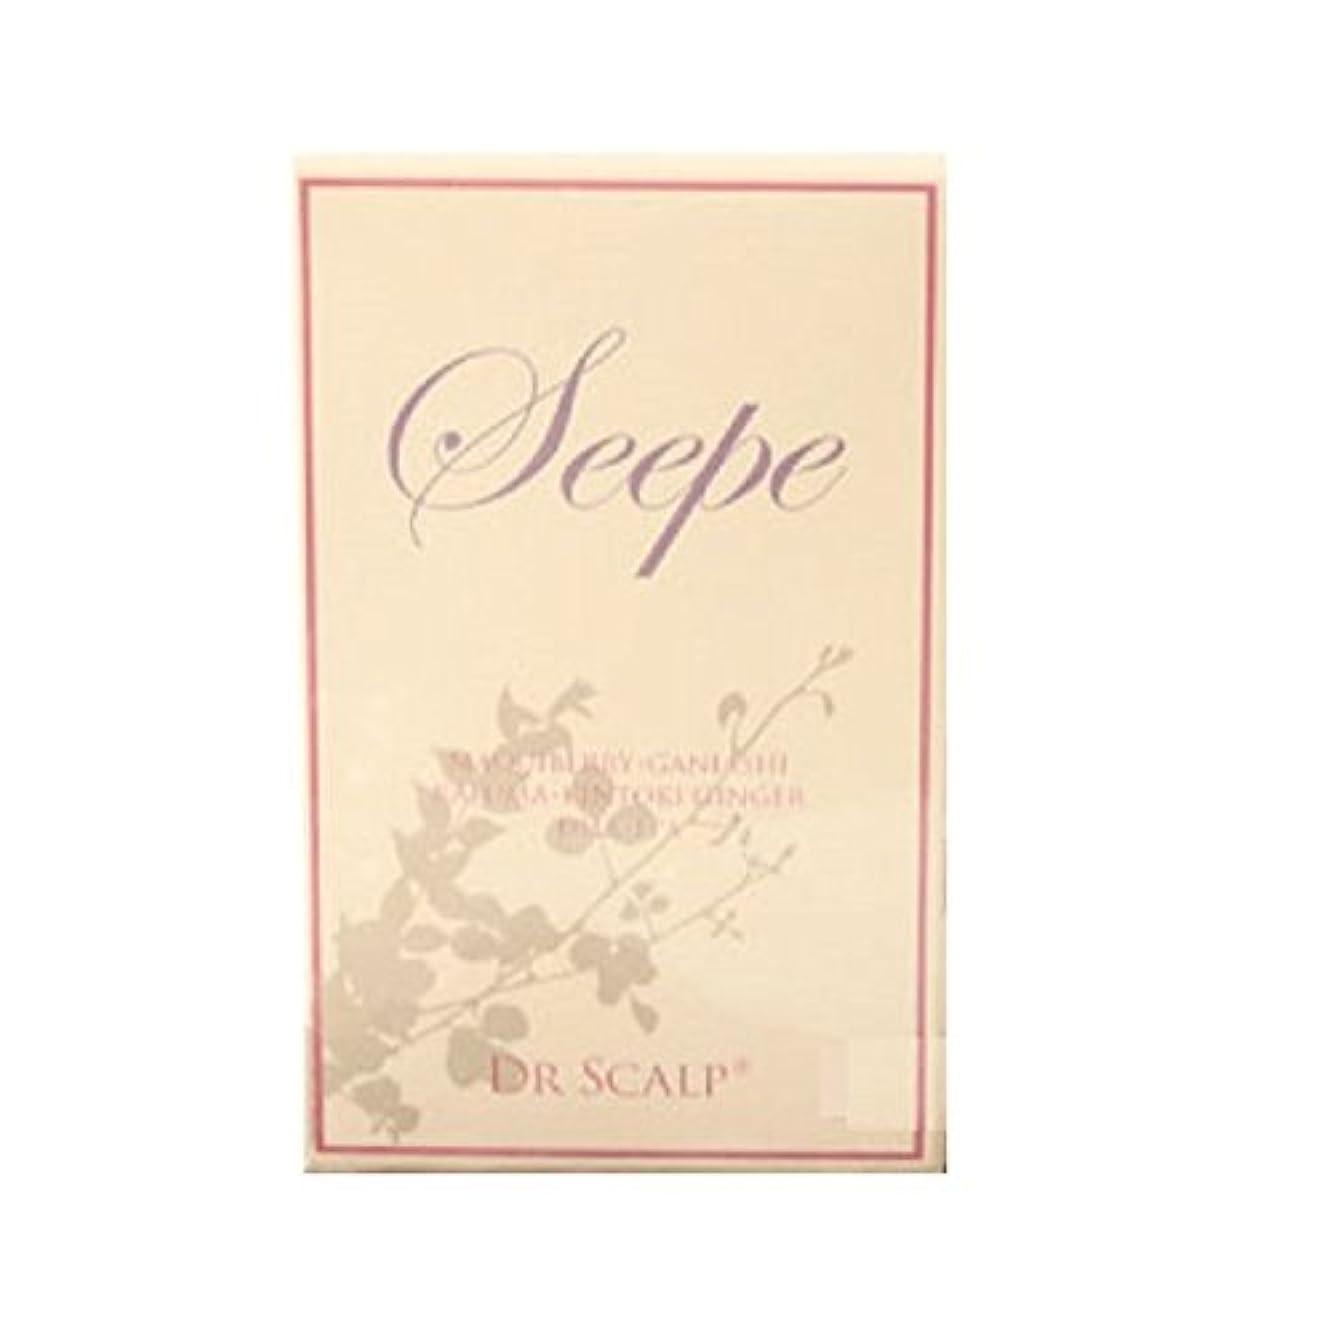 あいまい泣く接続詞ドクタースカルプ DR.SCALP(ドクタースカルプ)SEEPE(シープ) (サプリメント)※プロジェクトサプリメントのリニューアル商品です《60粒》